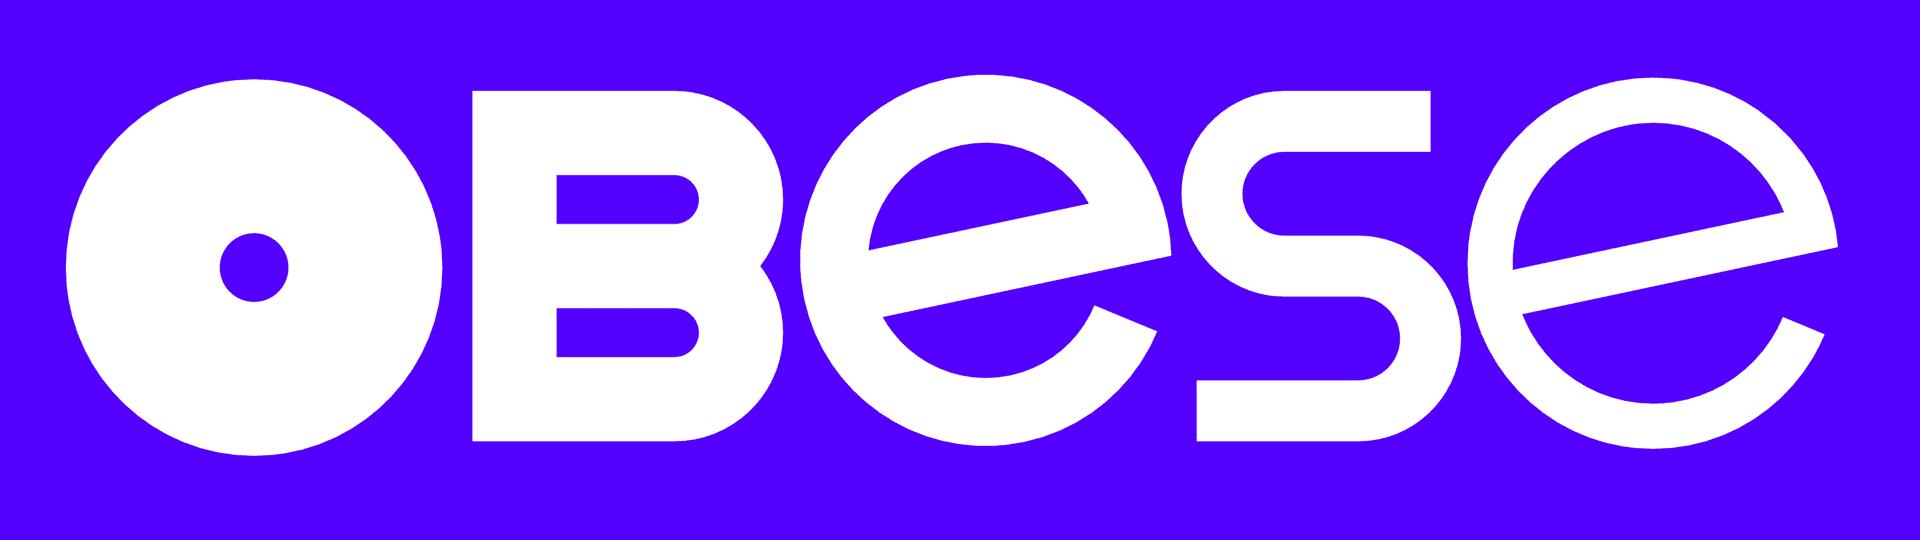 obese 2018 aanmelden